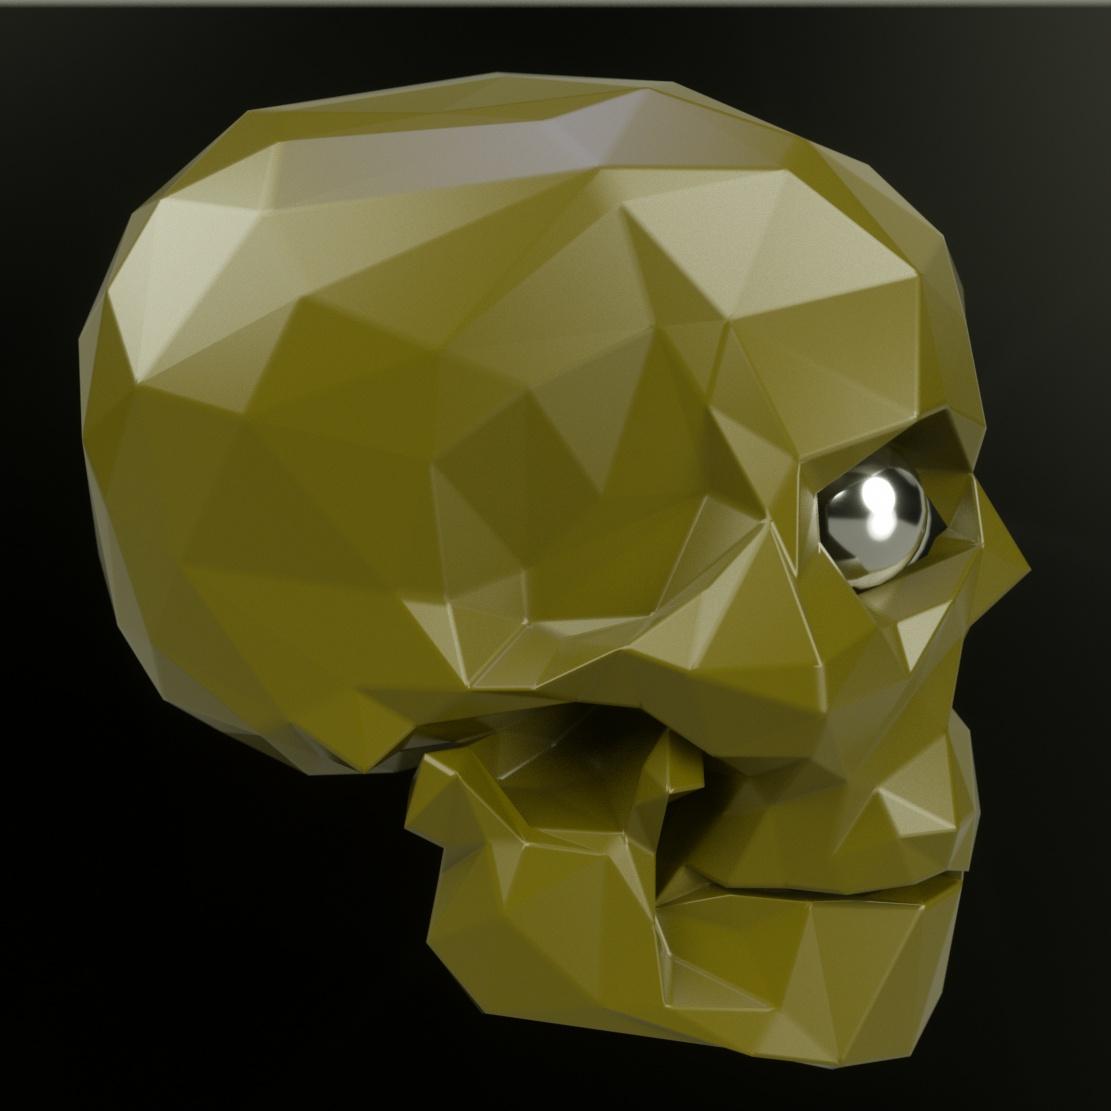 skull_cybermonk-de_artification_080.jpg